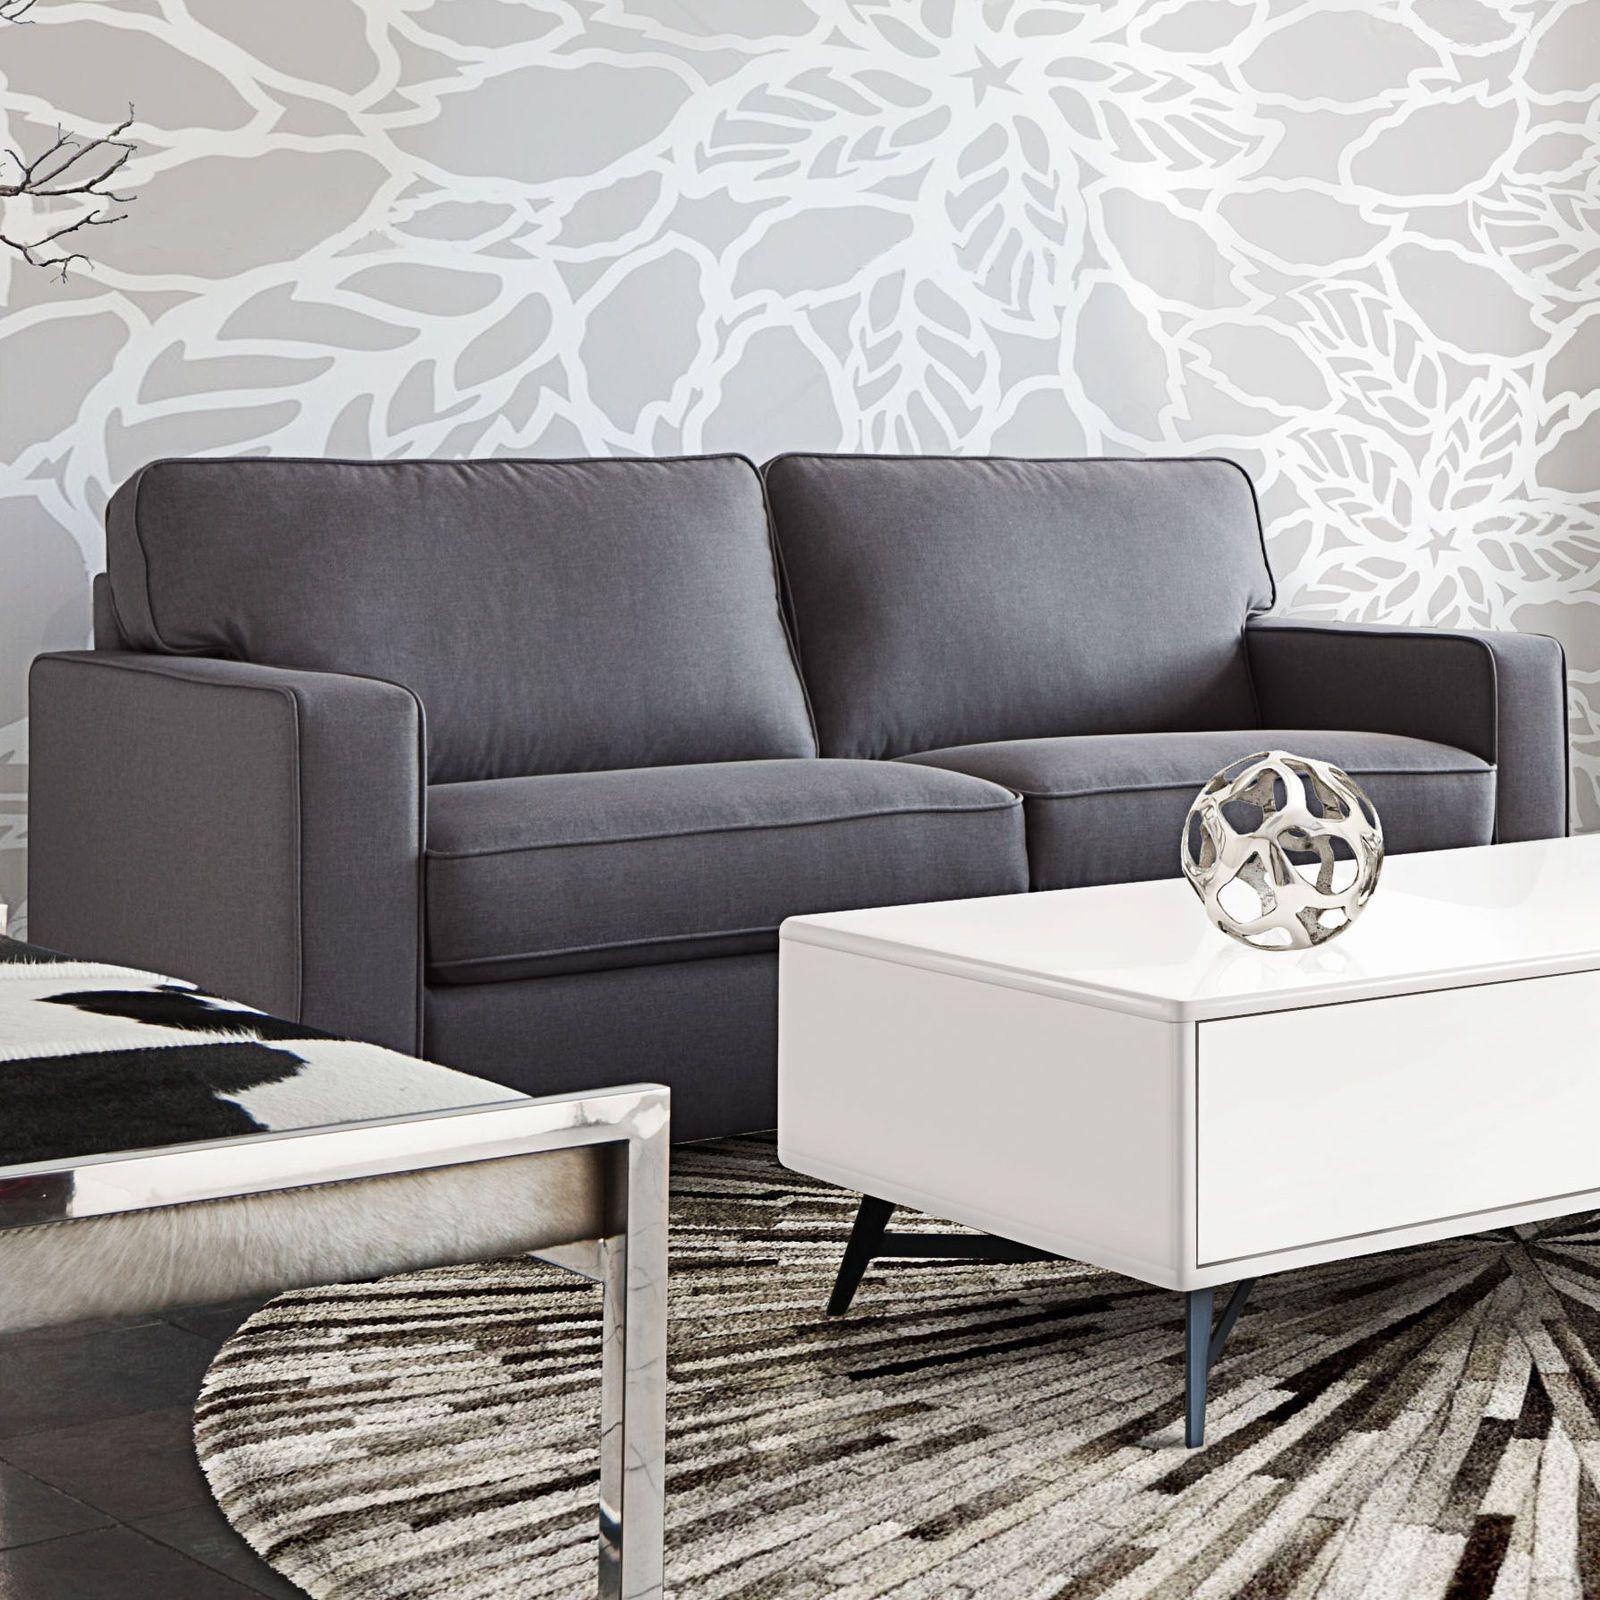 Swell 999 00 Diamond Sofa Watson Sofa Diamond Sofa Watson Ncnpc Chair Design For Home Ncnpcorg